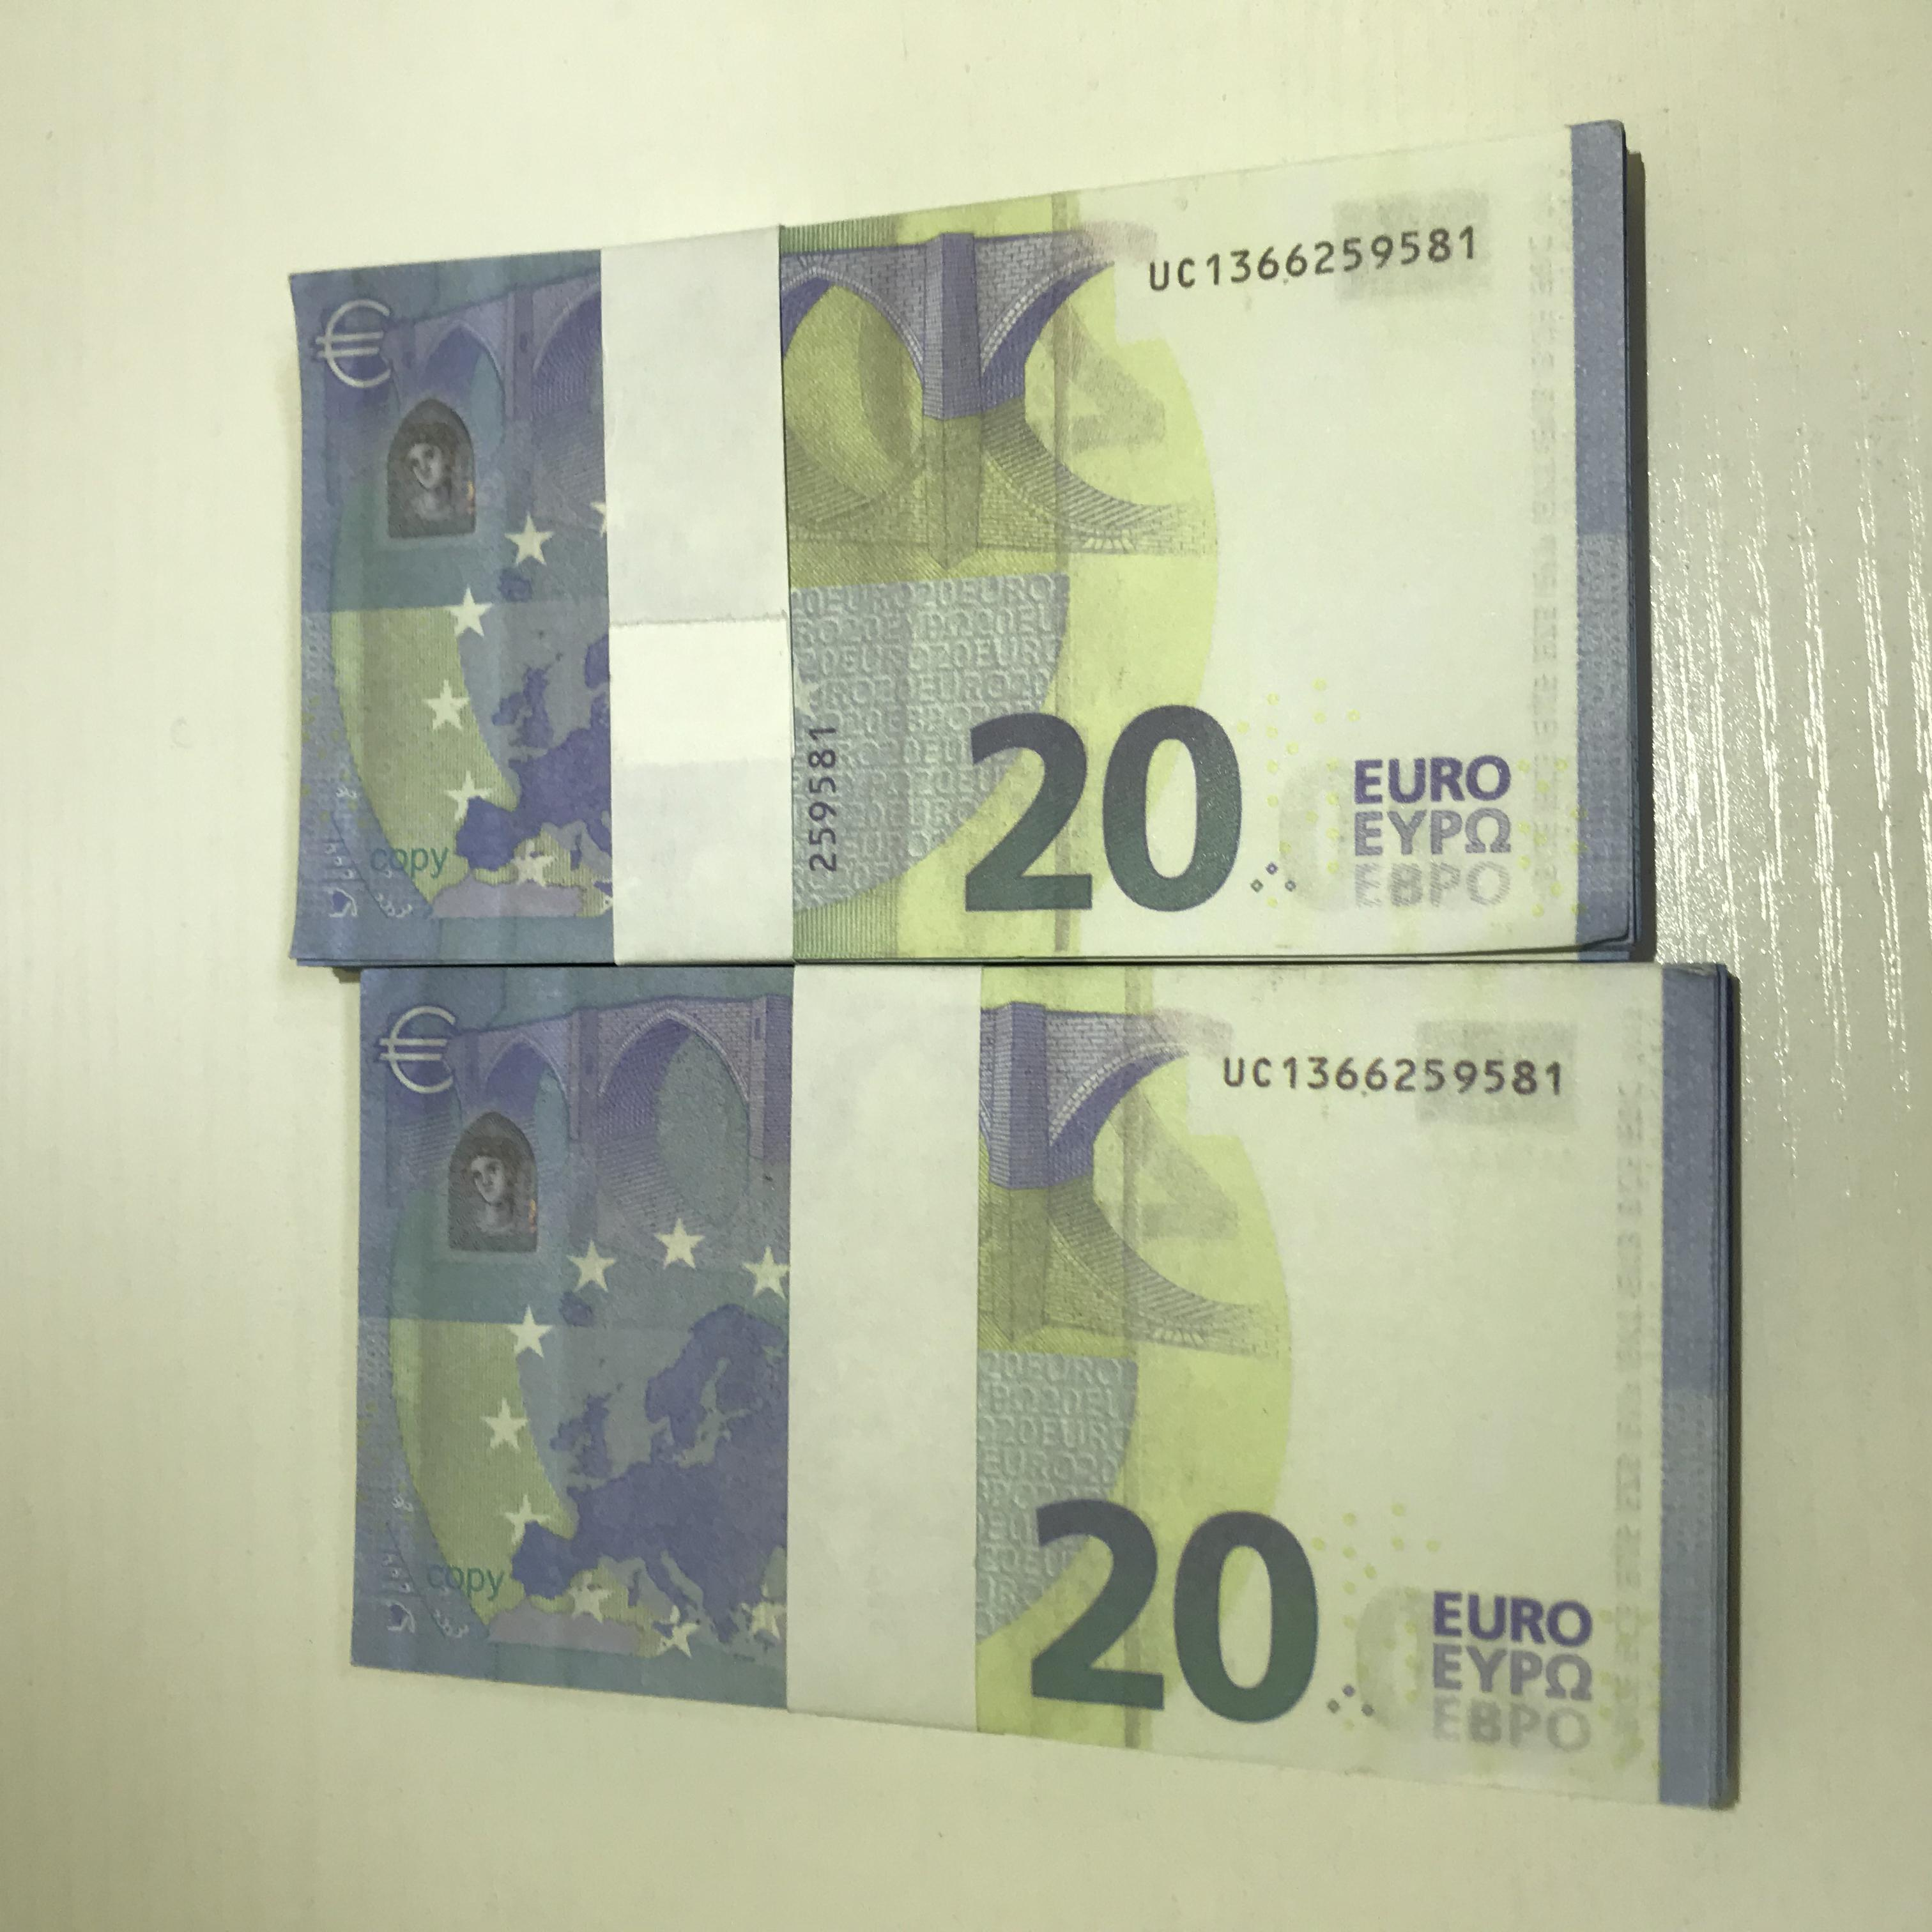 Euro Money Requisiten Filmdollar TV Pfund Billet Gefälschte Requisiten Währung Le20-06 Faux Shooting Bar und Stütze ObtNUH Boavk